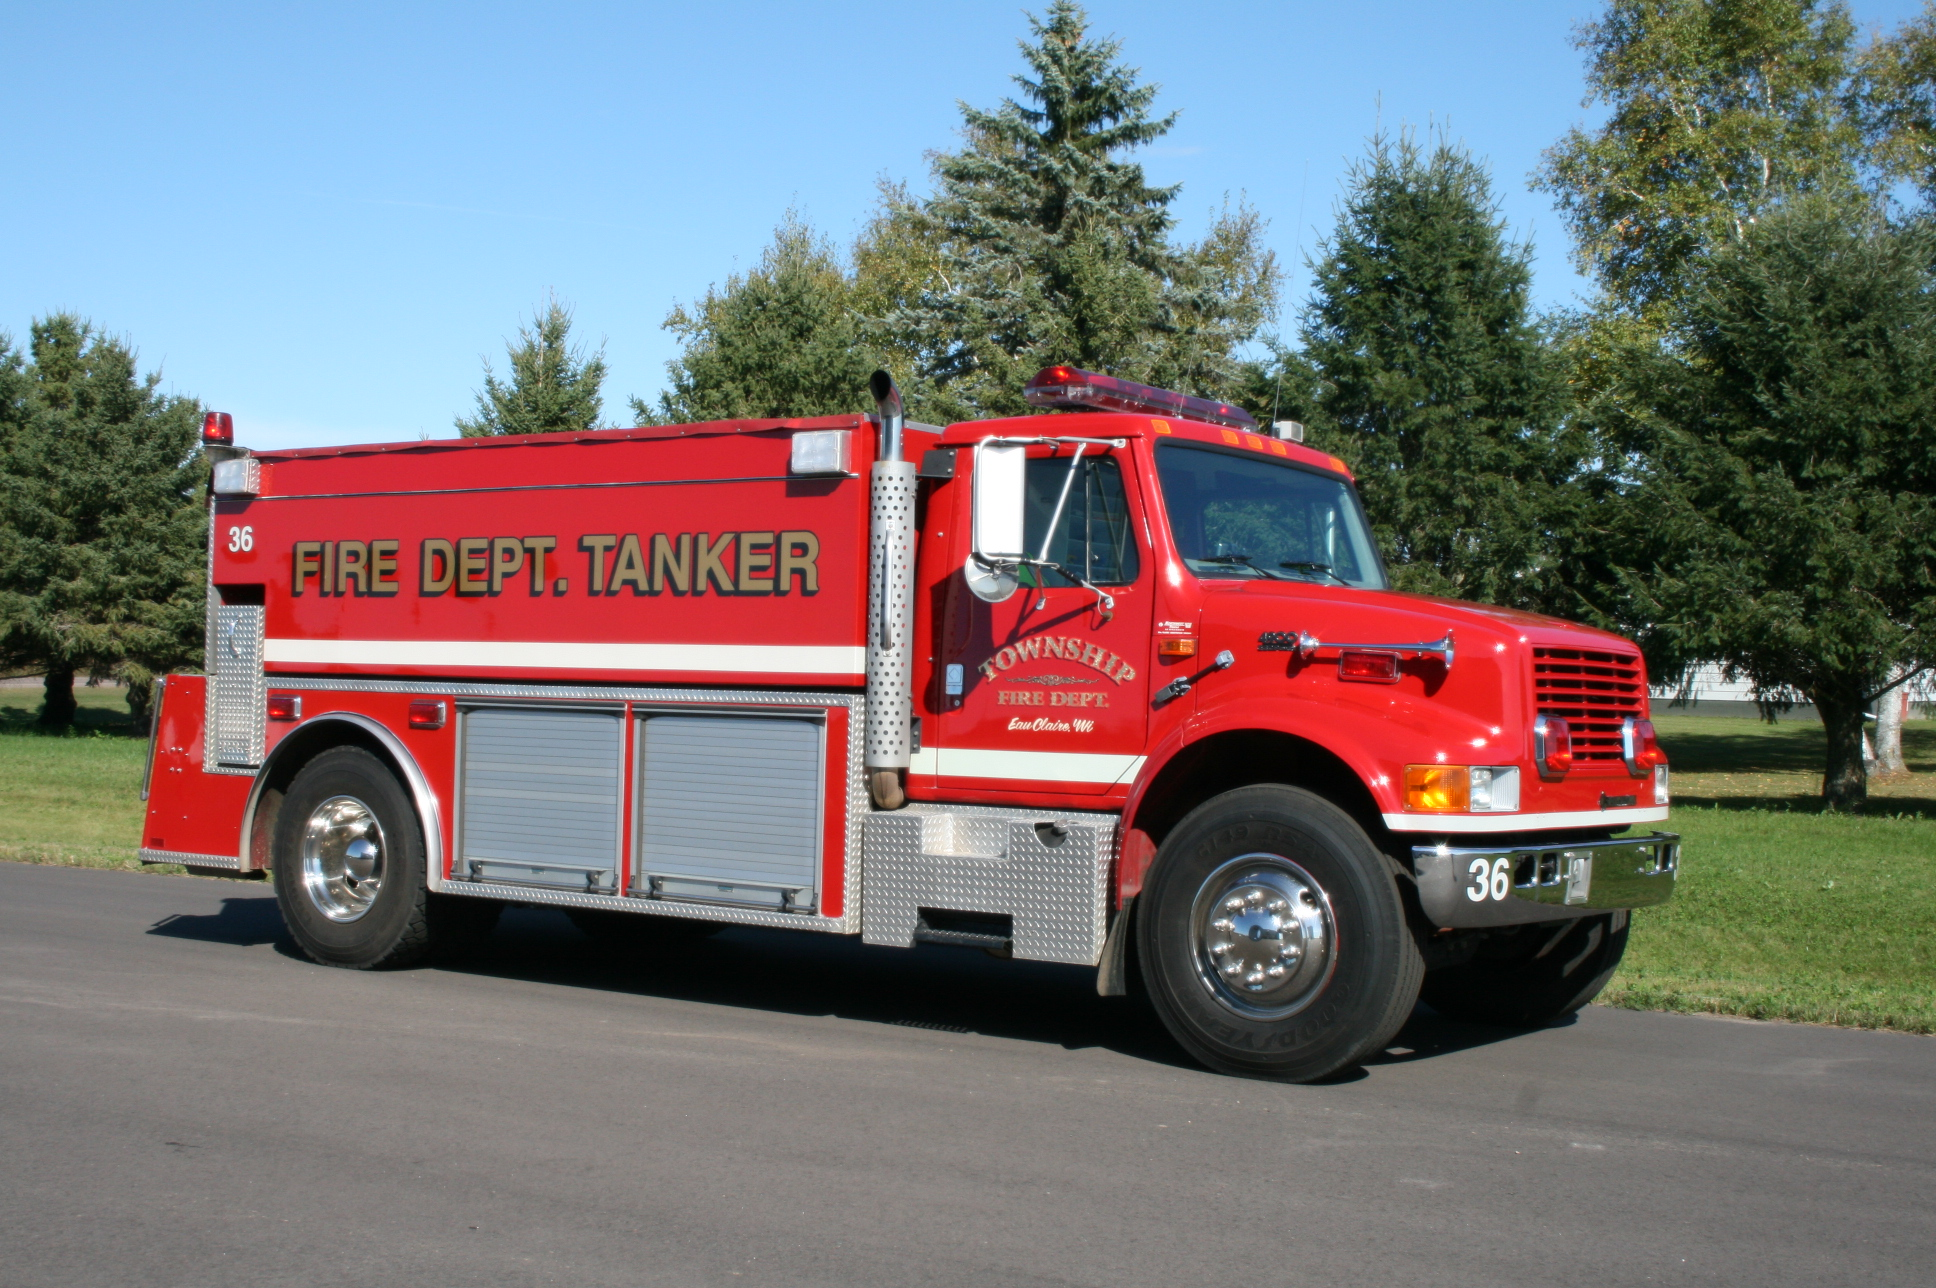 Tanker truck #36